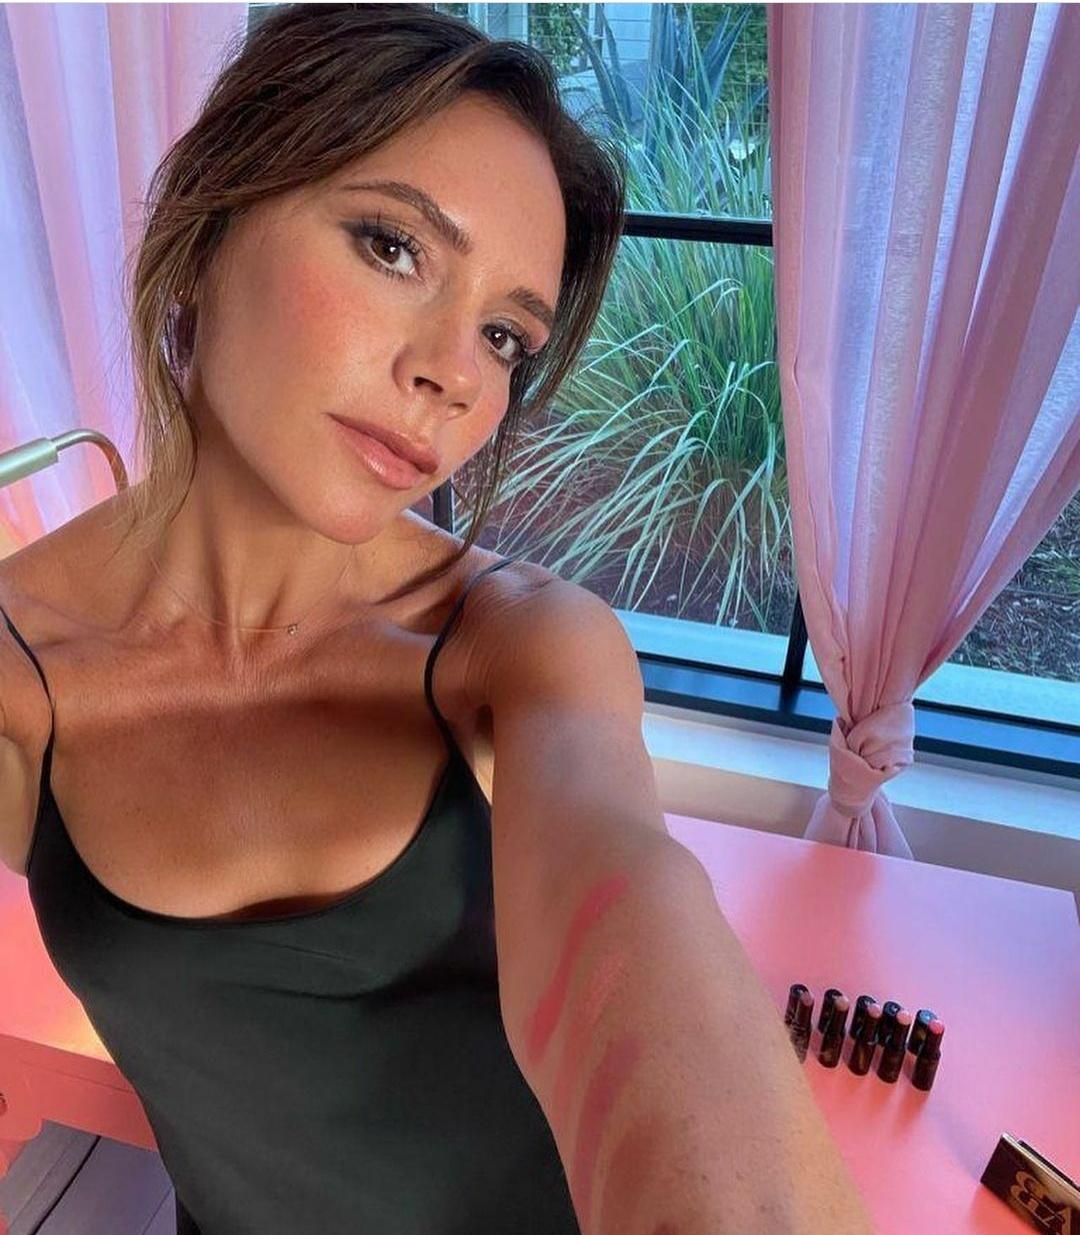 Виктория Бекхэм неприятно удивила поклонников изменением внешности